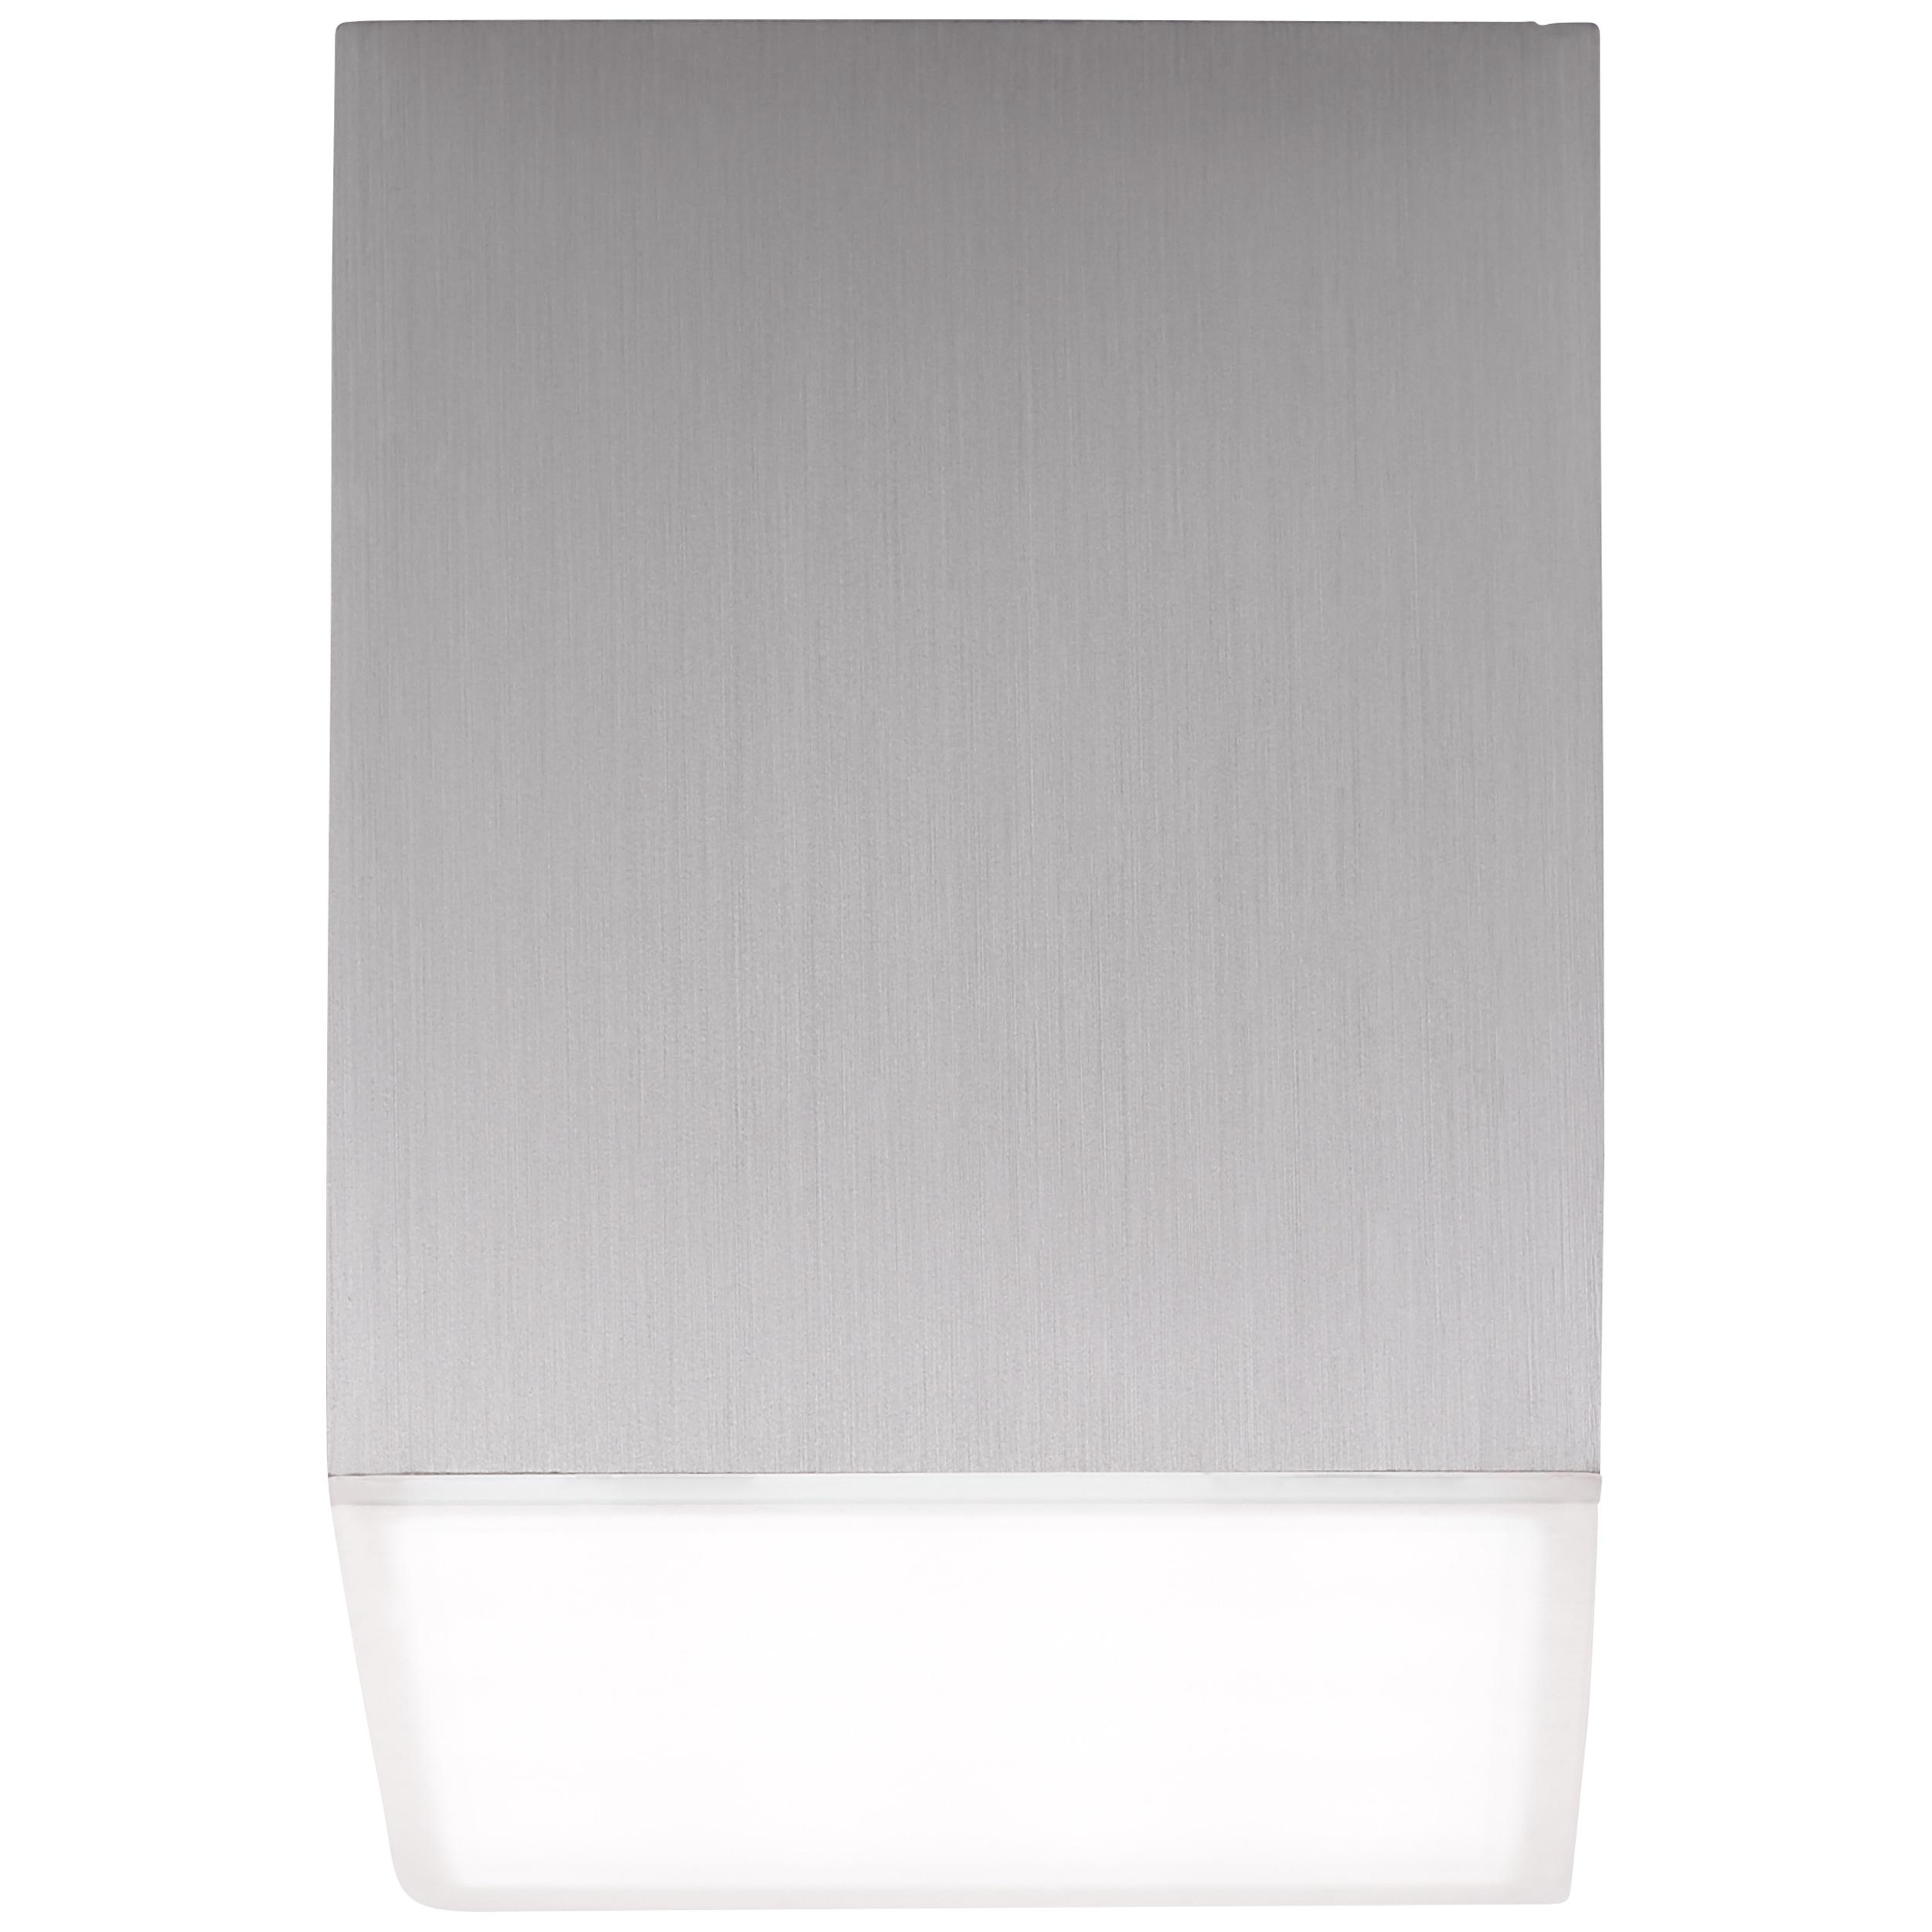 AEG Deckenleuchten, Warmweiß, Gillian LED Deckenleuchte 1flg alu